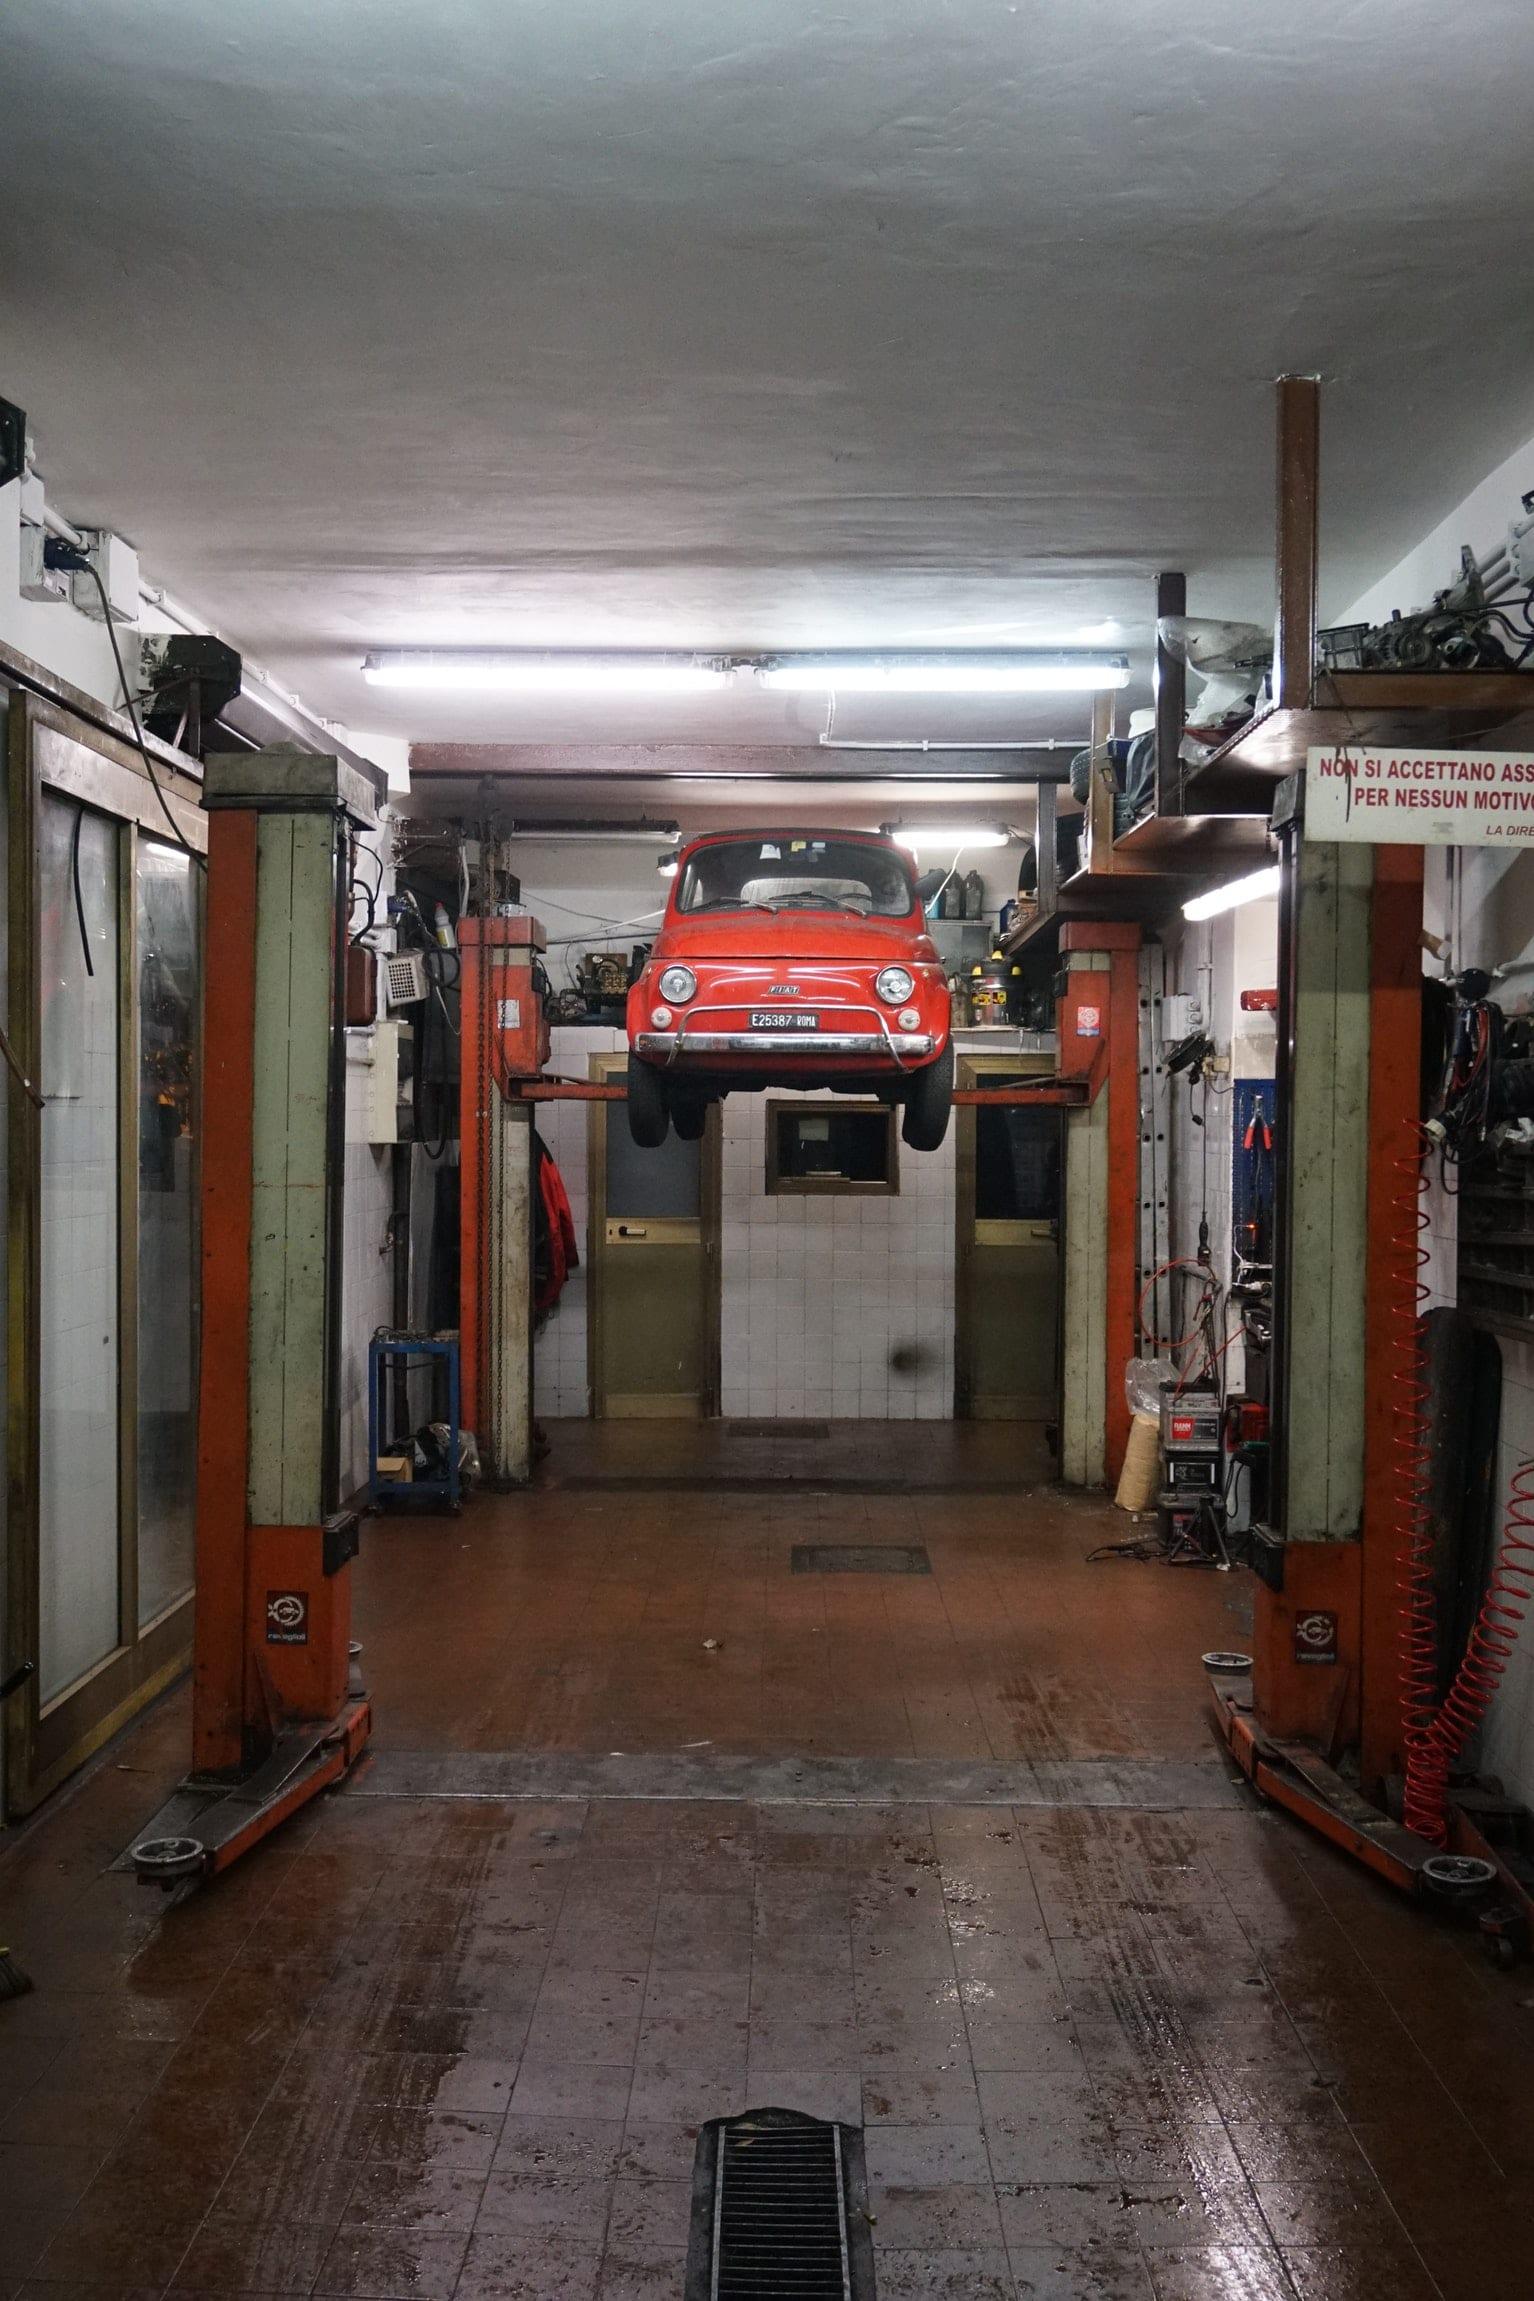 elevador vehículo coche rojo